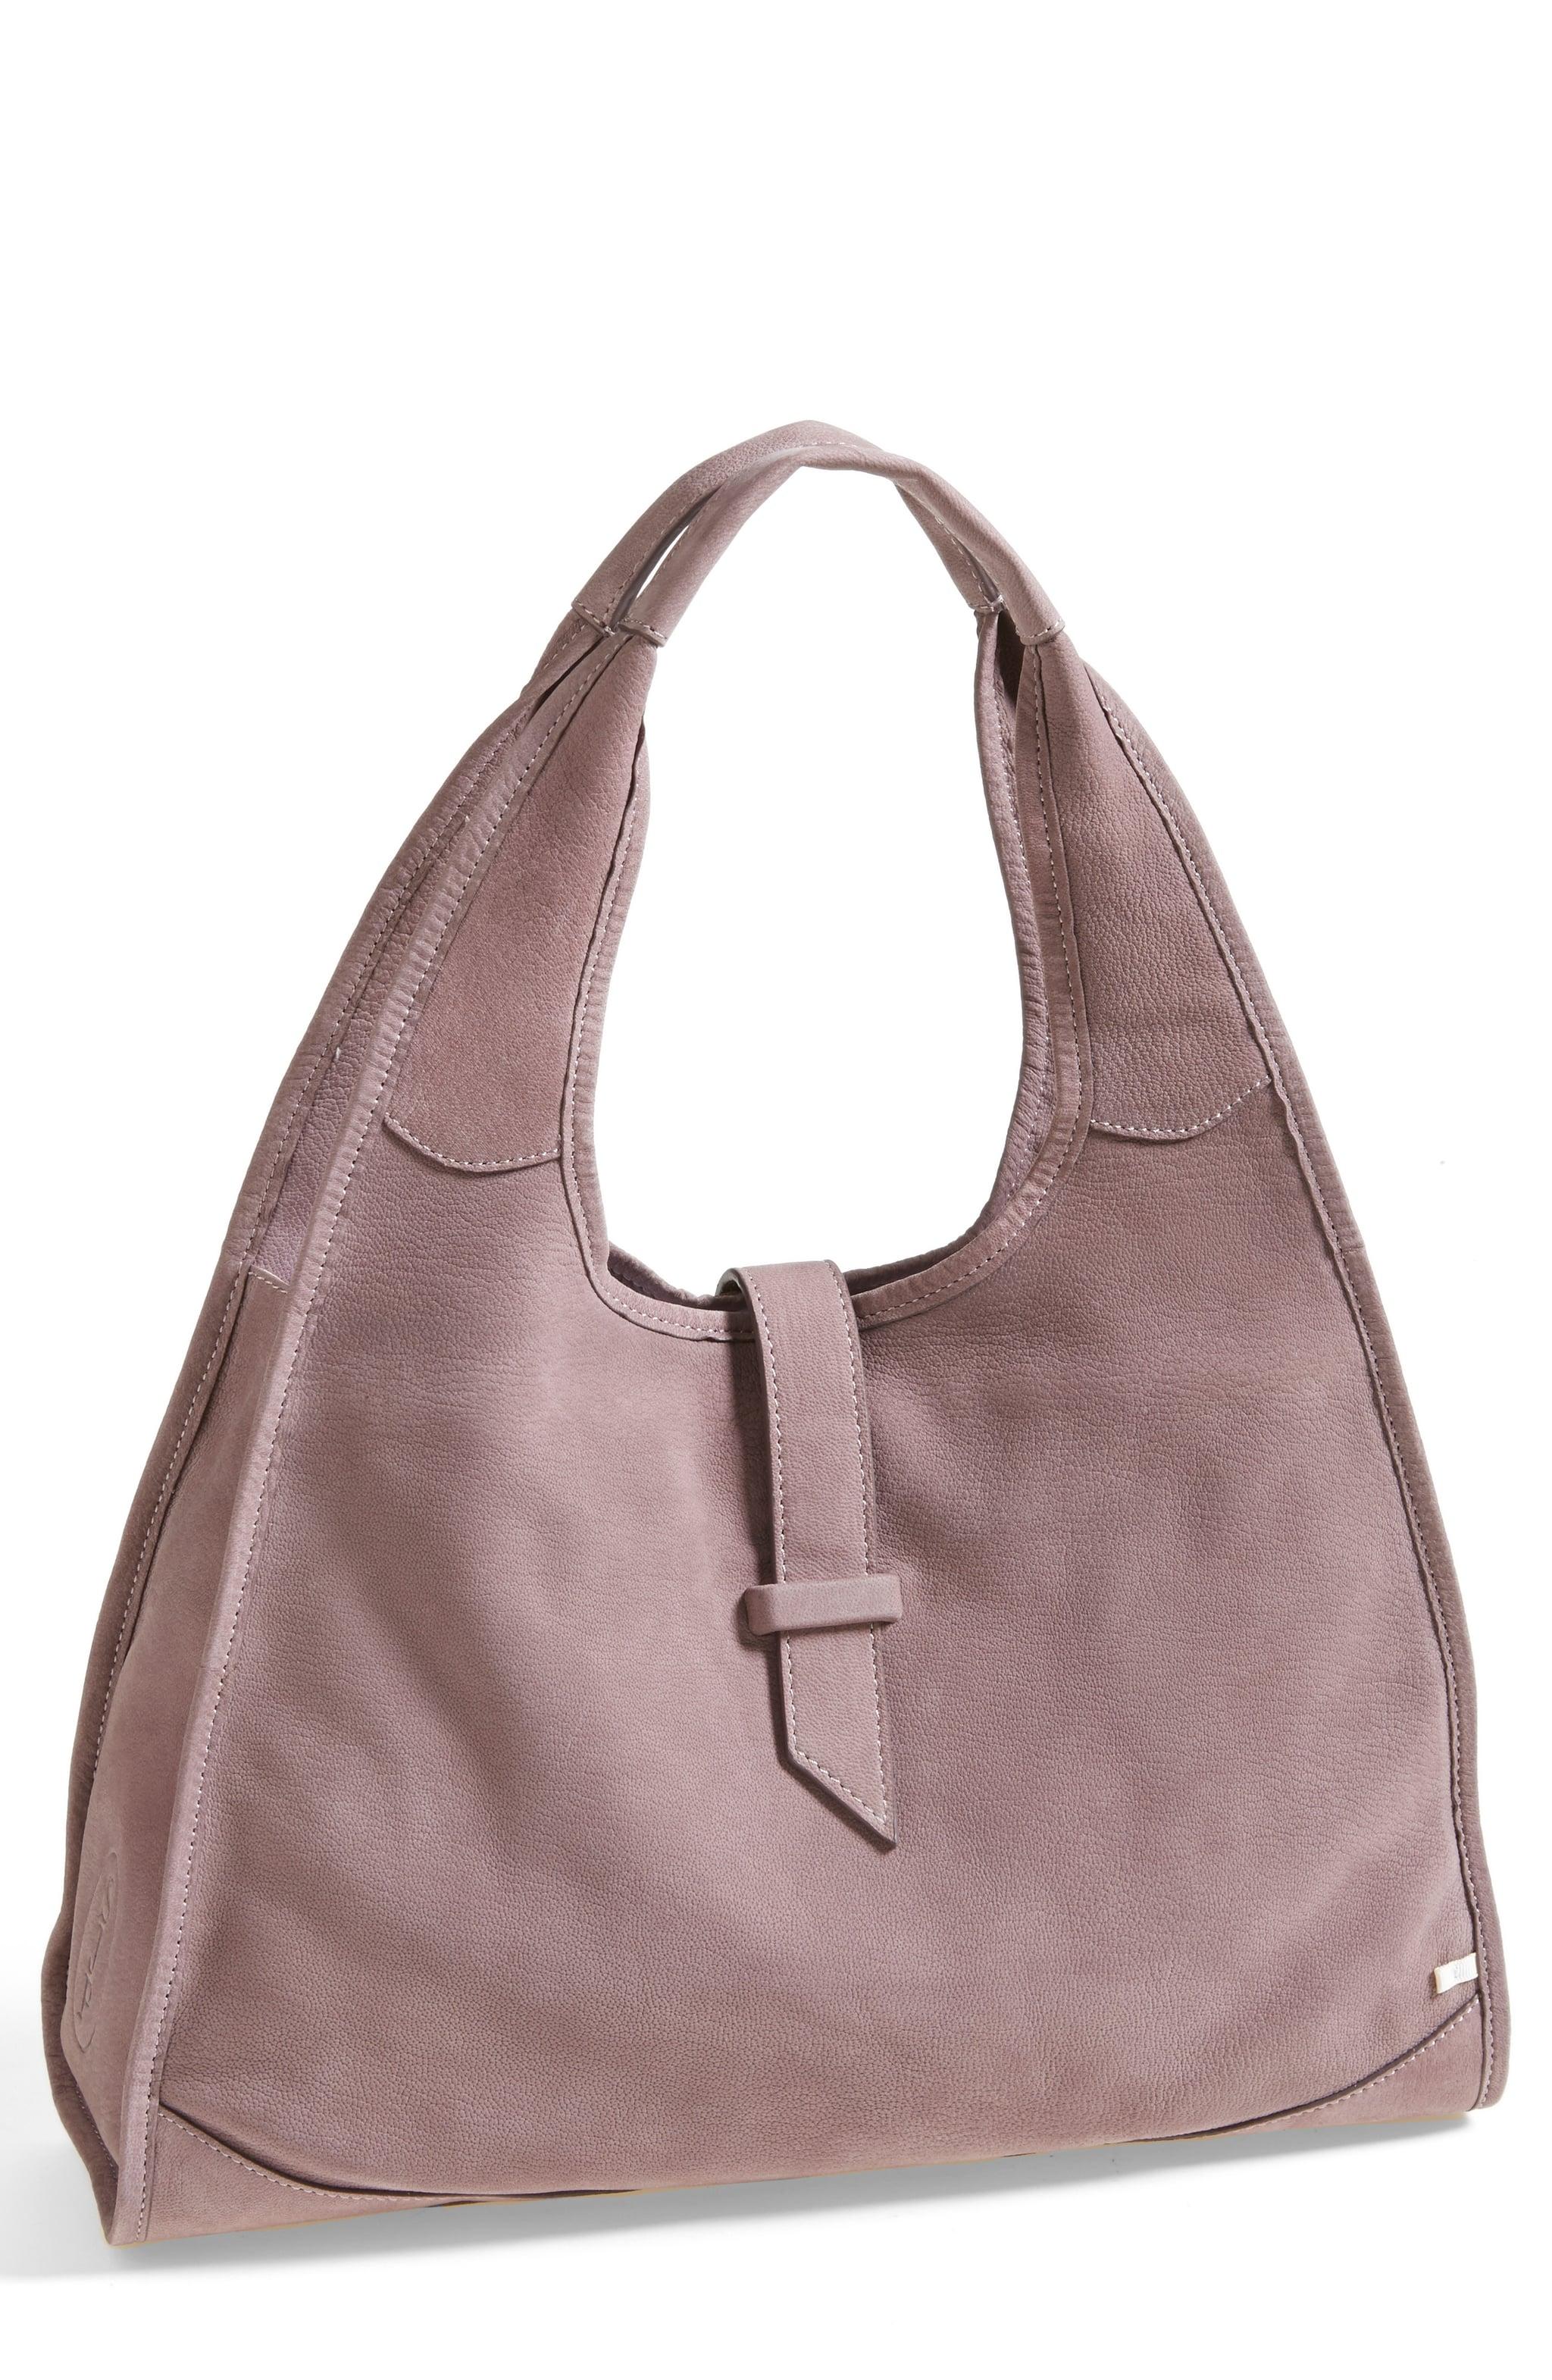 New York Hobo in Lavender, $375